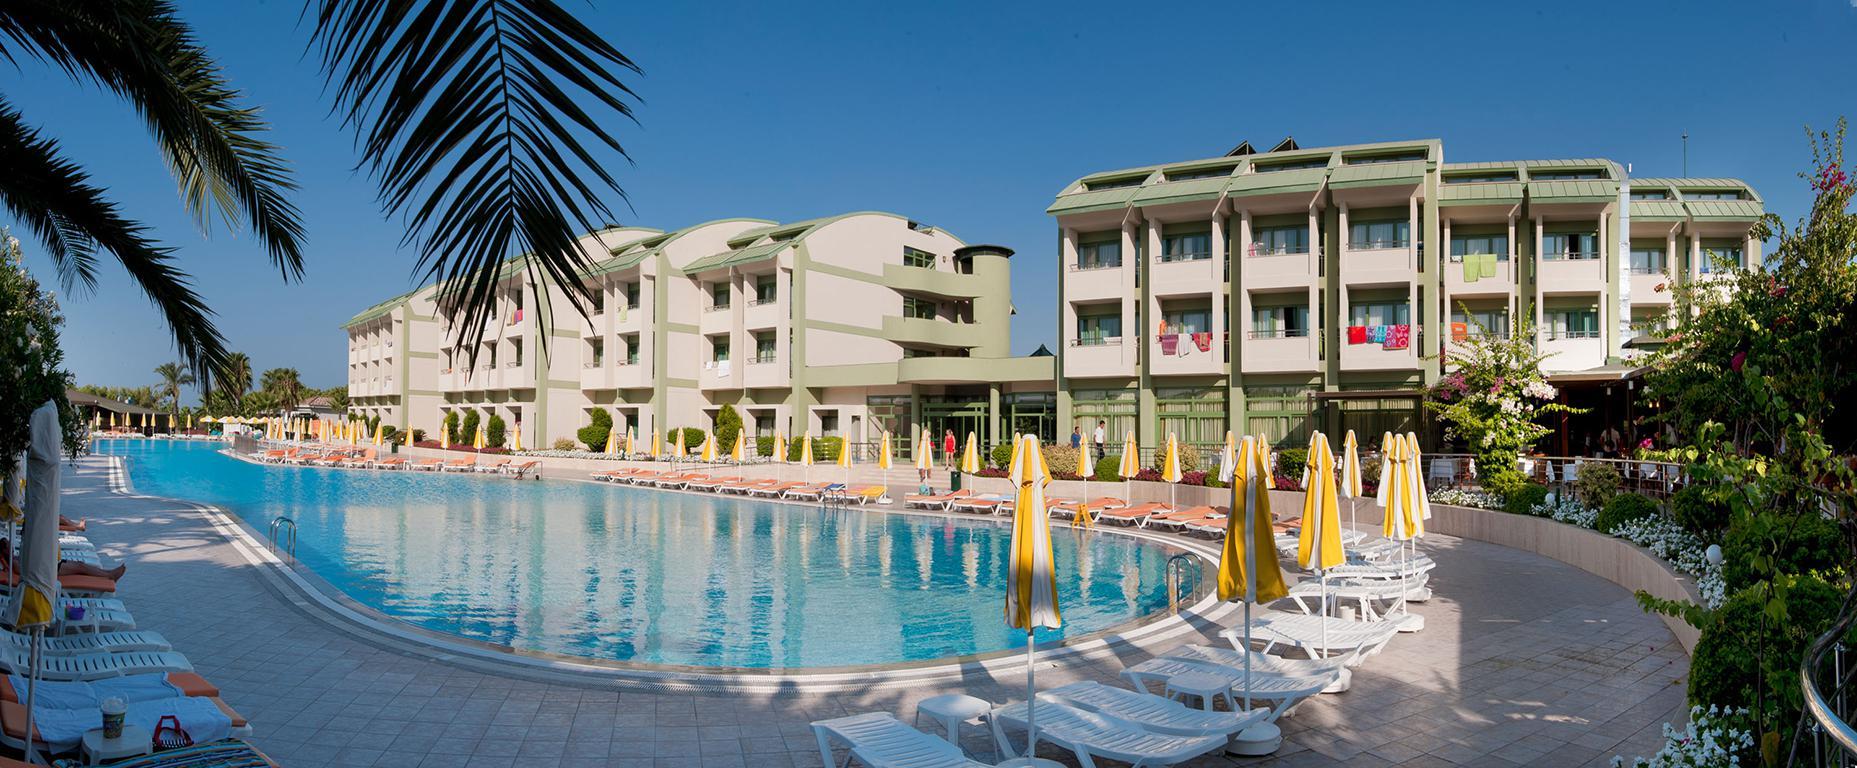 Hotel VONRESORT Elite